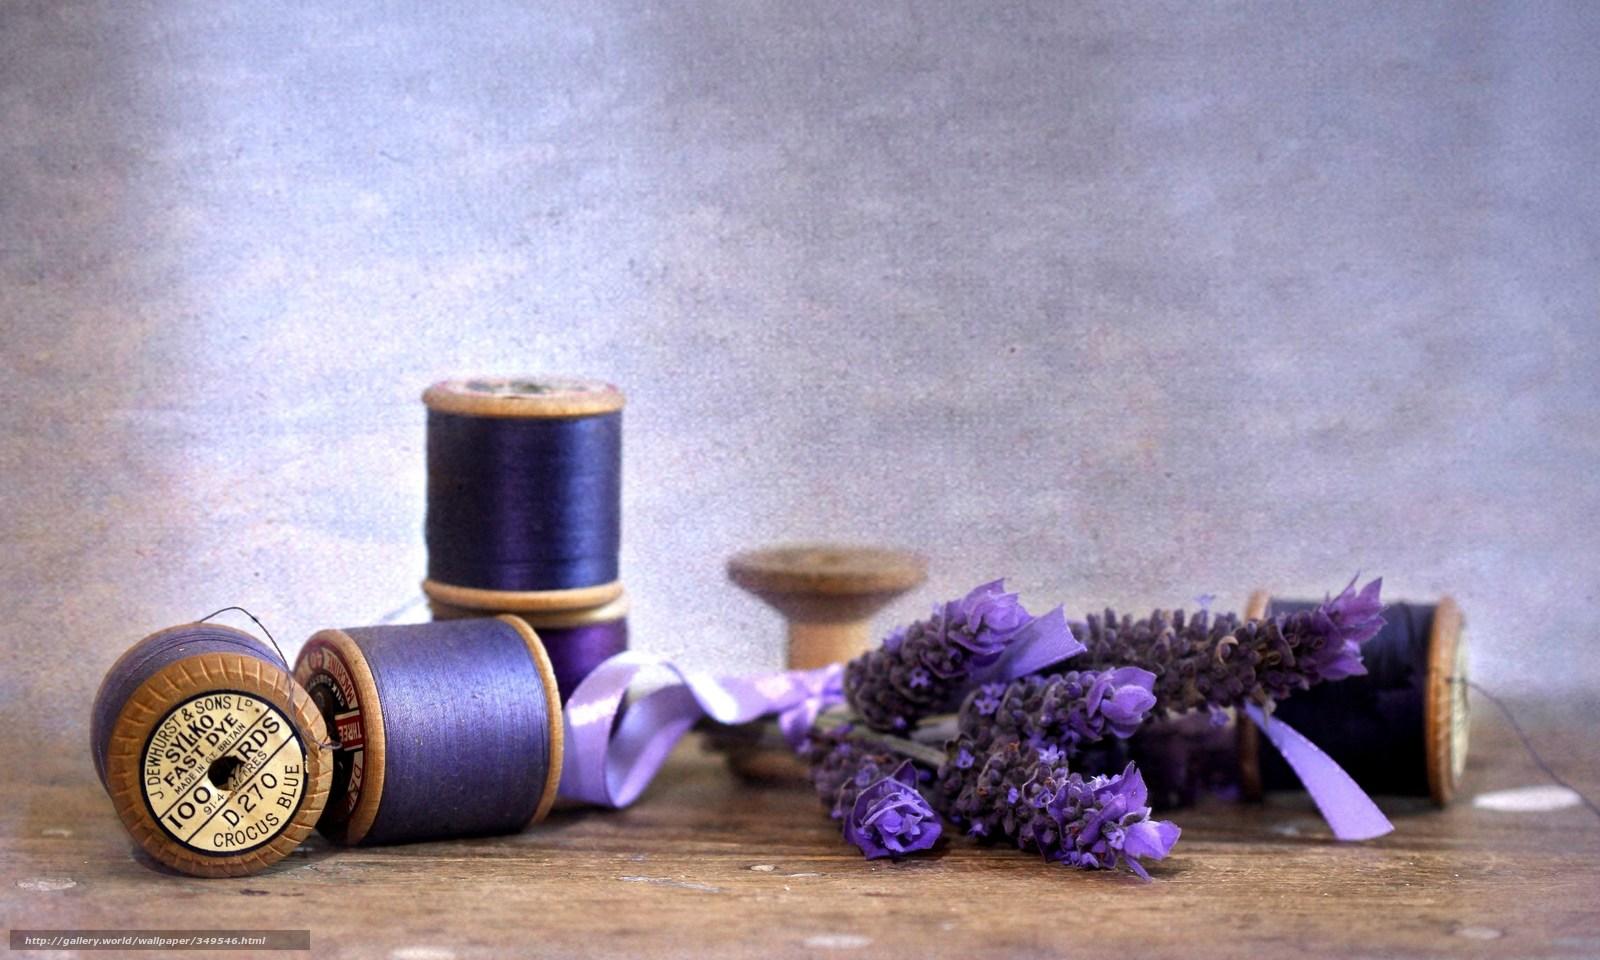 Скачать обои лаванда,  цветы,  цветок,  фиолетовый бесплатно для рабочего стола в разрешении 3800x2280 — картинка №349546